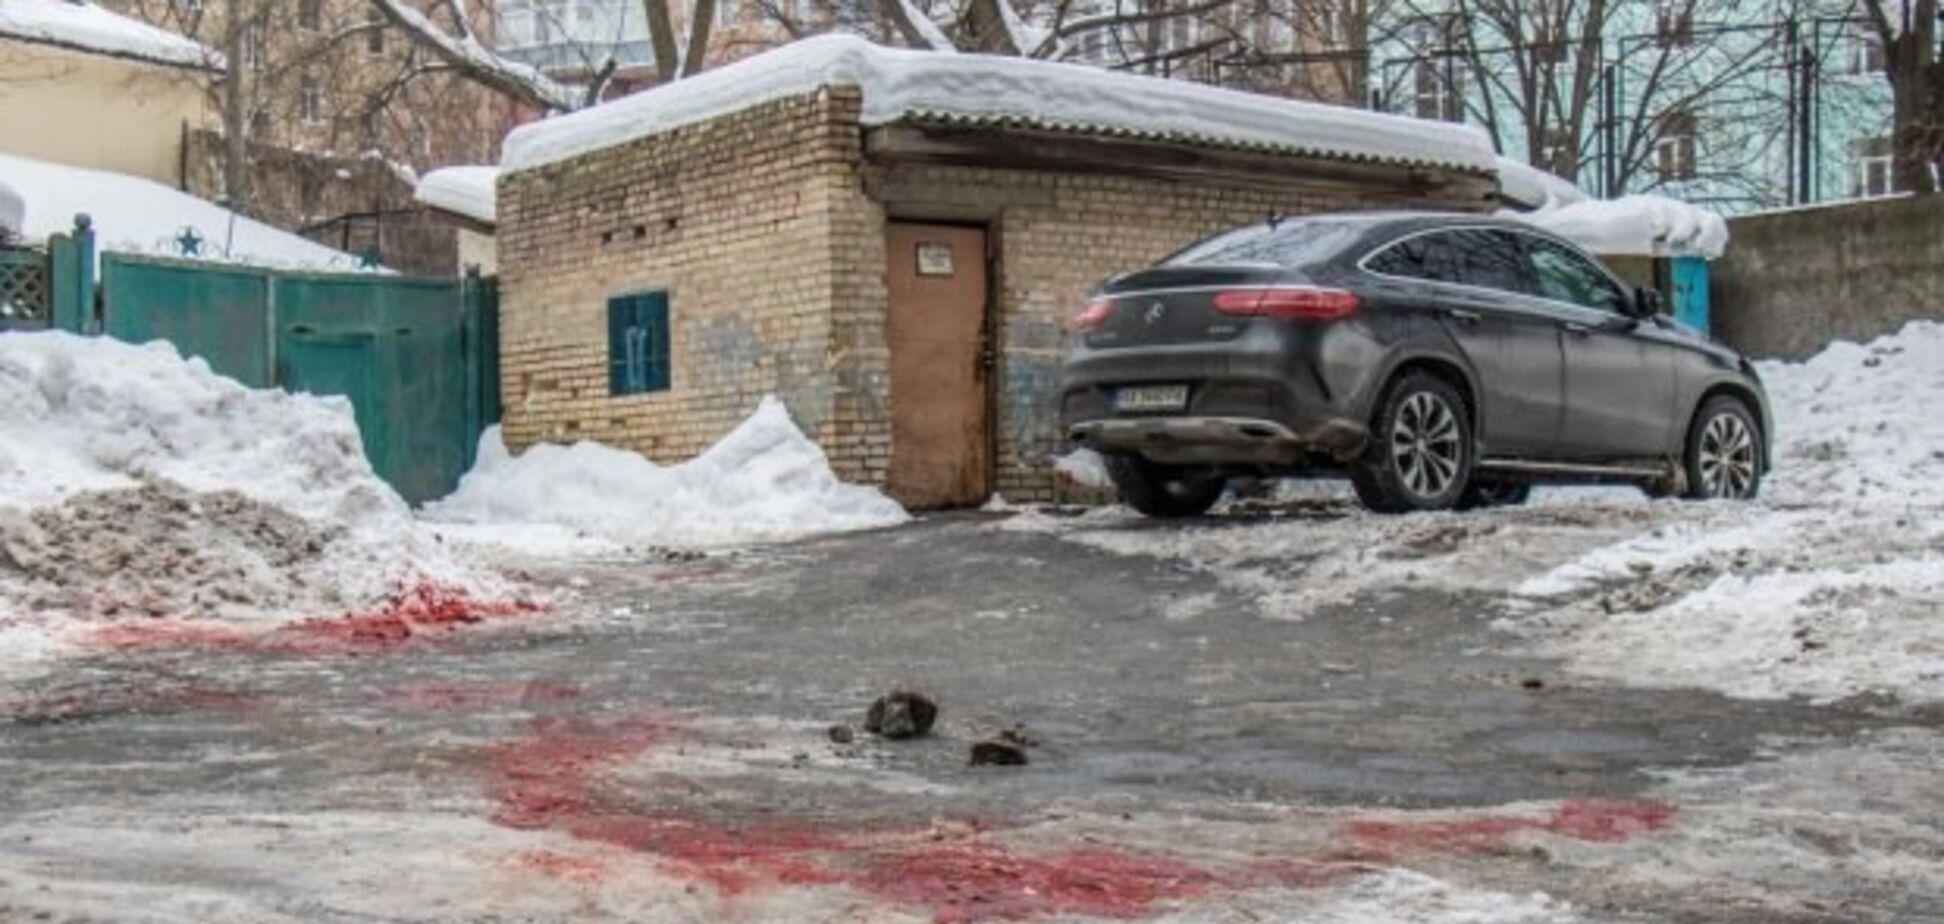 Вбивство бізнесмена в центрі Києва розкрито: озвучені деталі